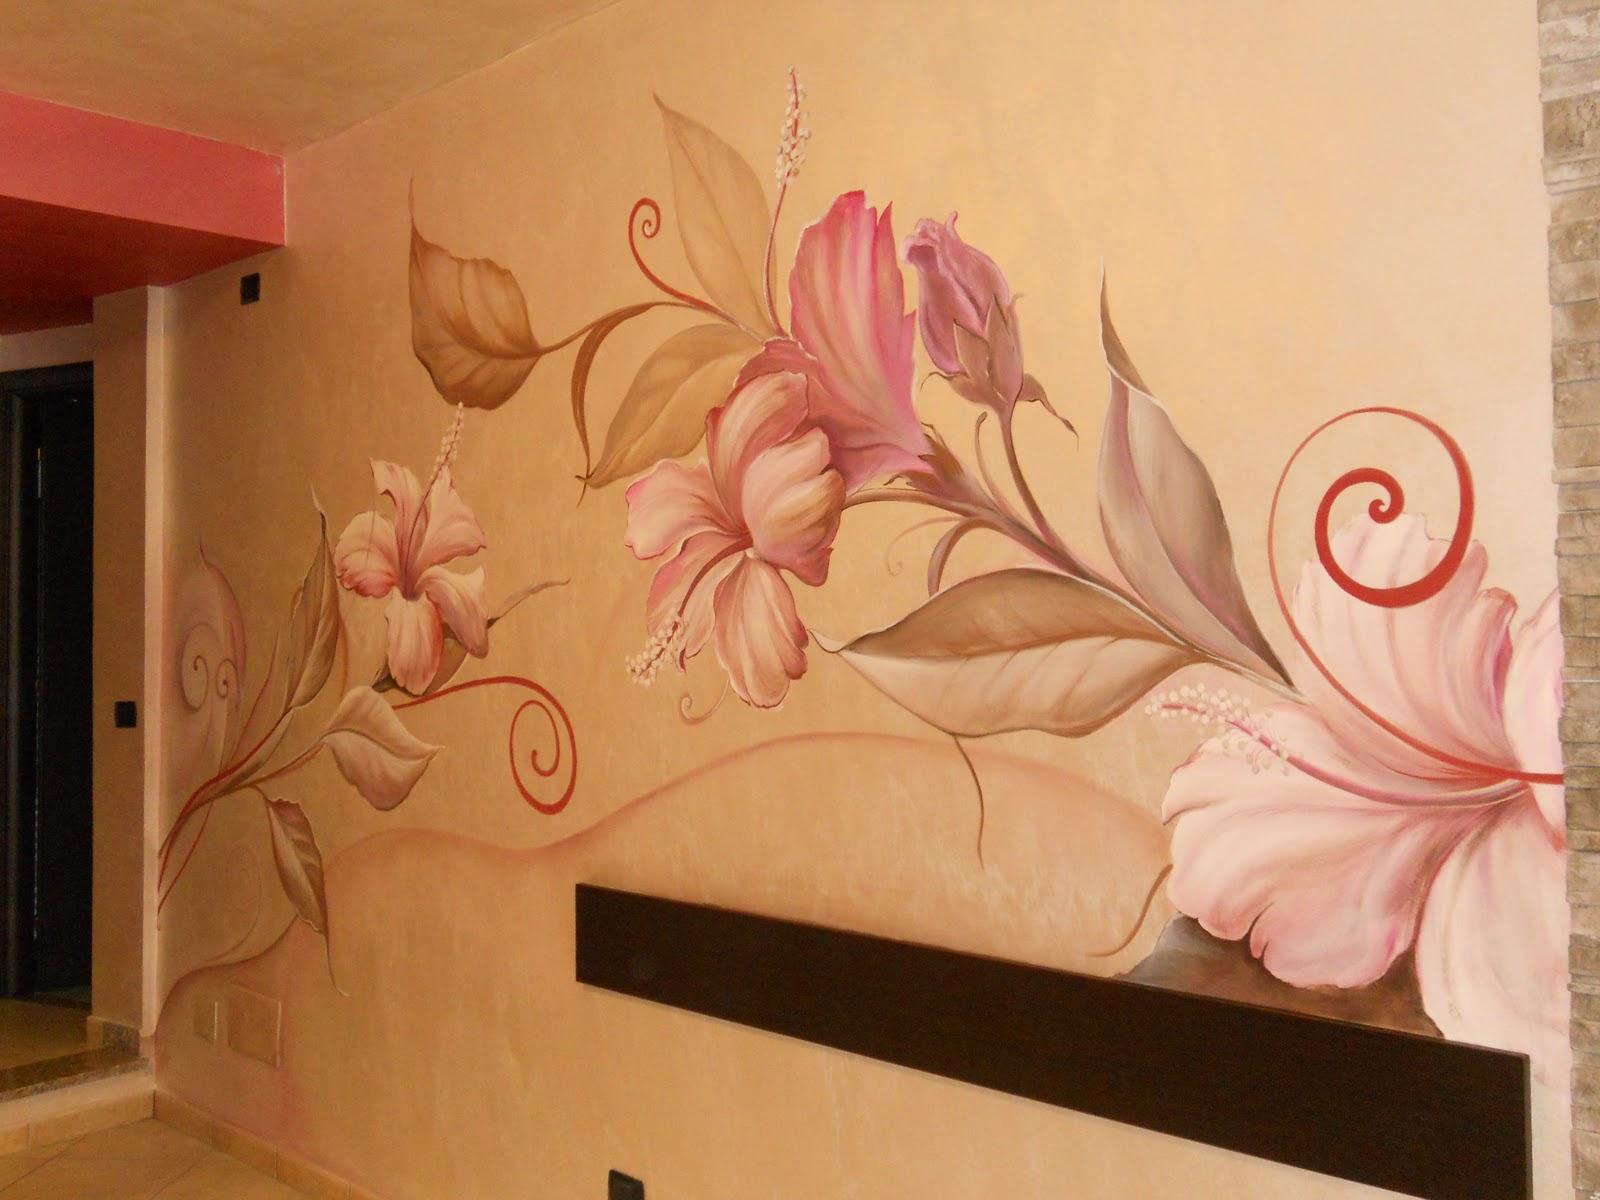 Decorazioni pittoriche fior fiore di decoro da lorenzo - Decorazioni pittoriche ...